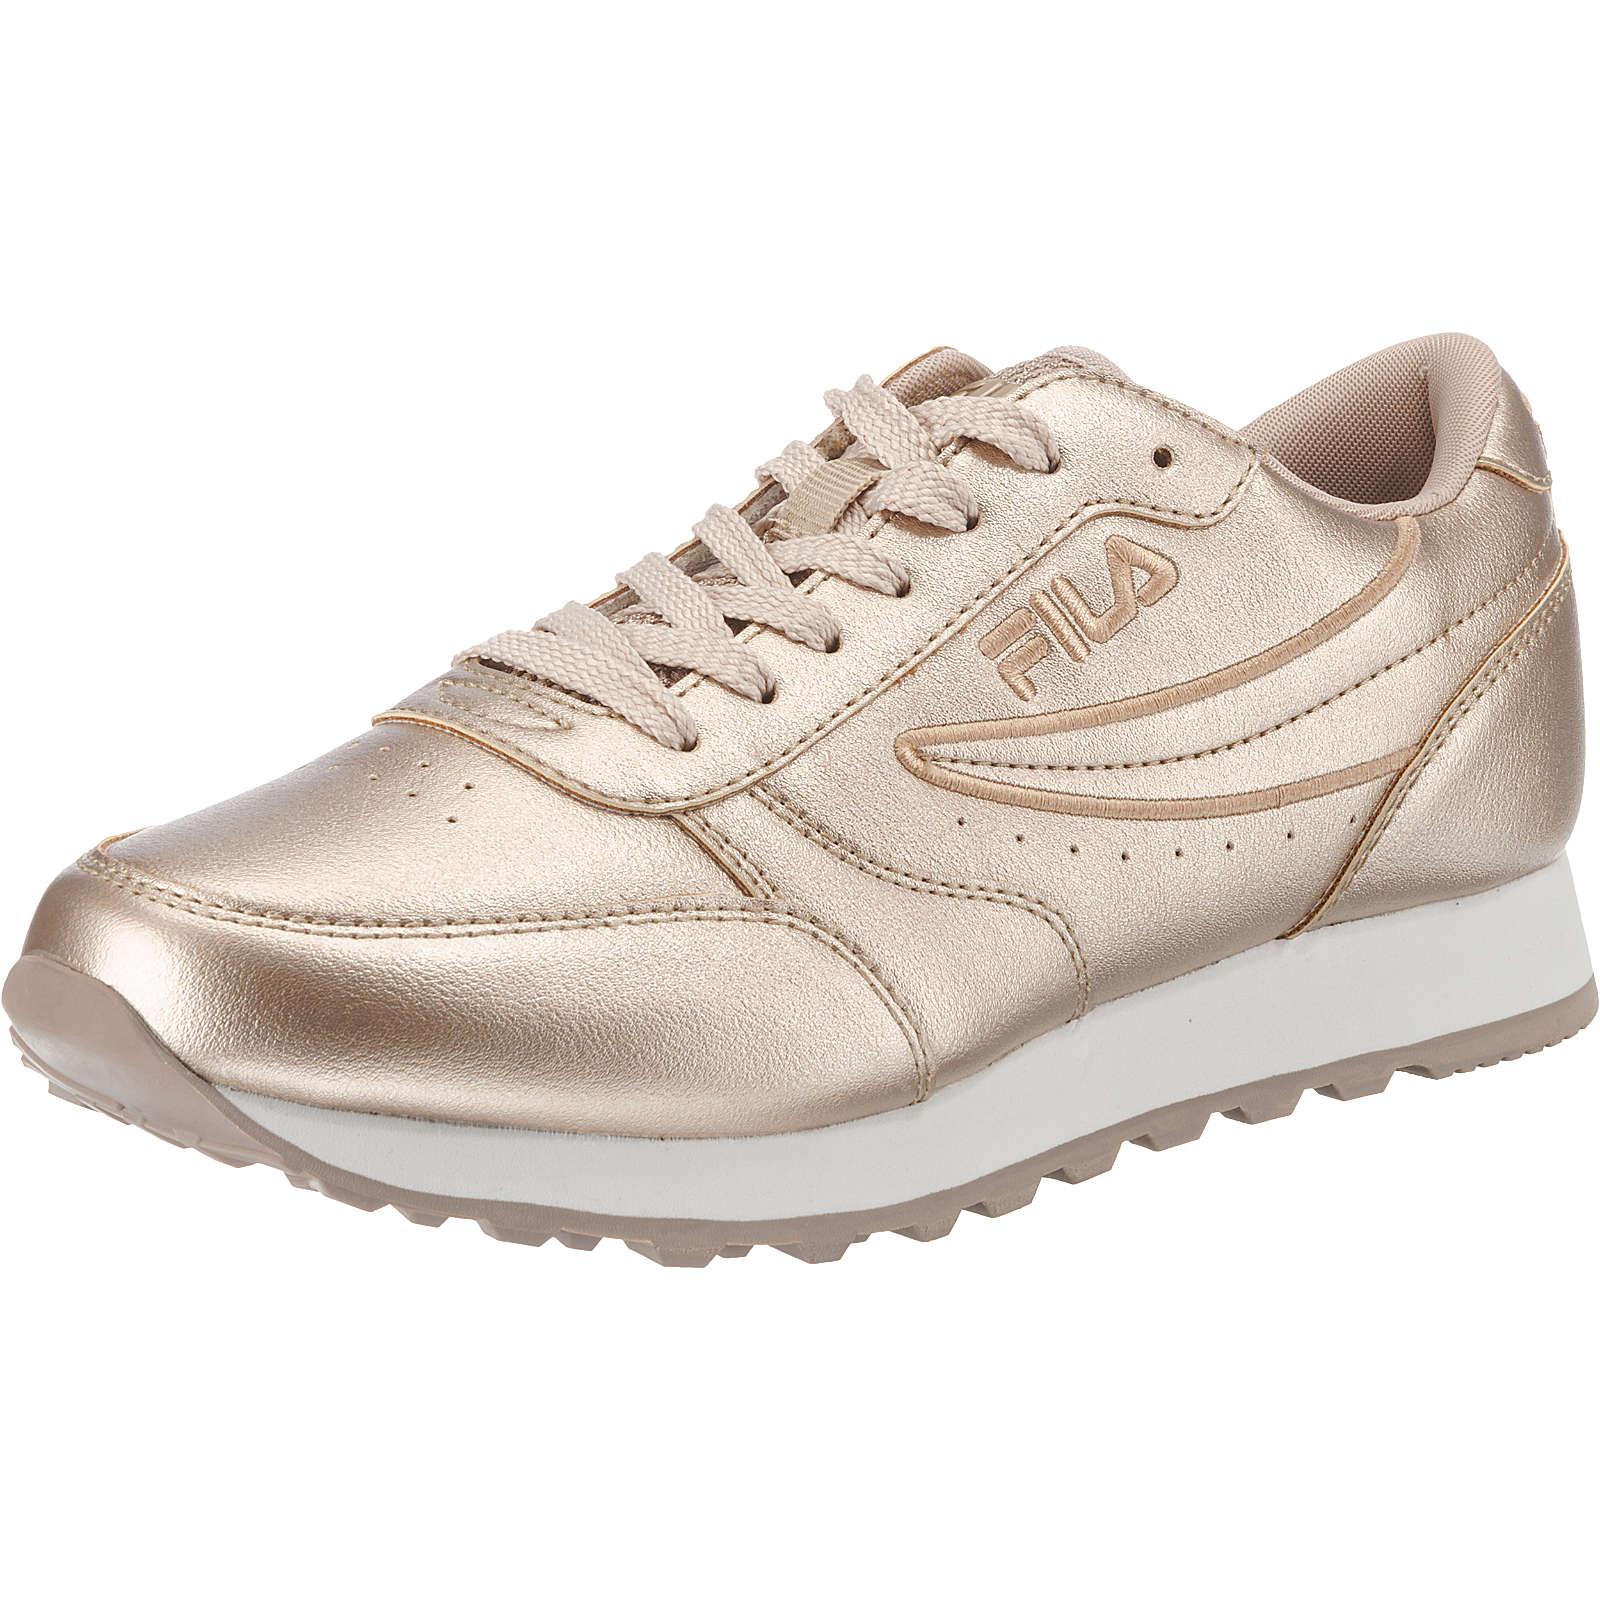 FILA Orbit F low Sneakers Low gold Damen Gr. 41